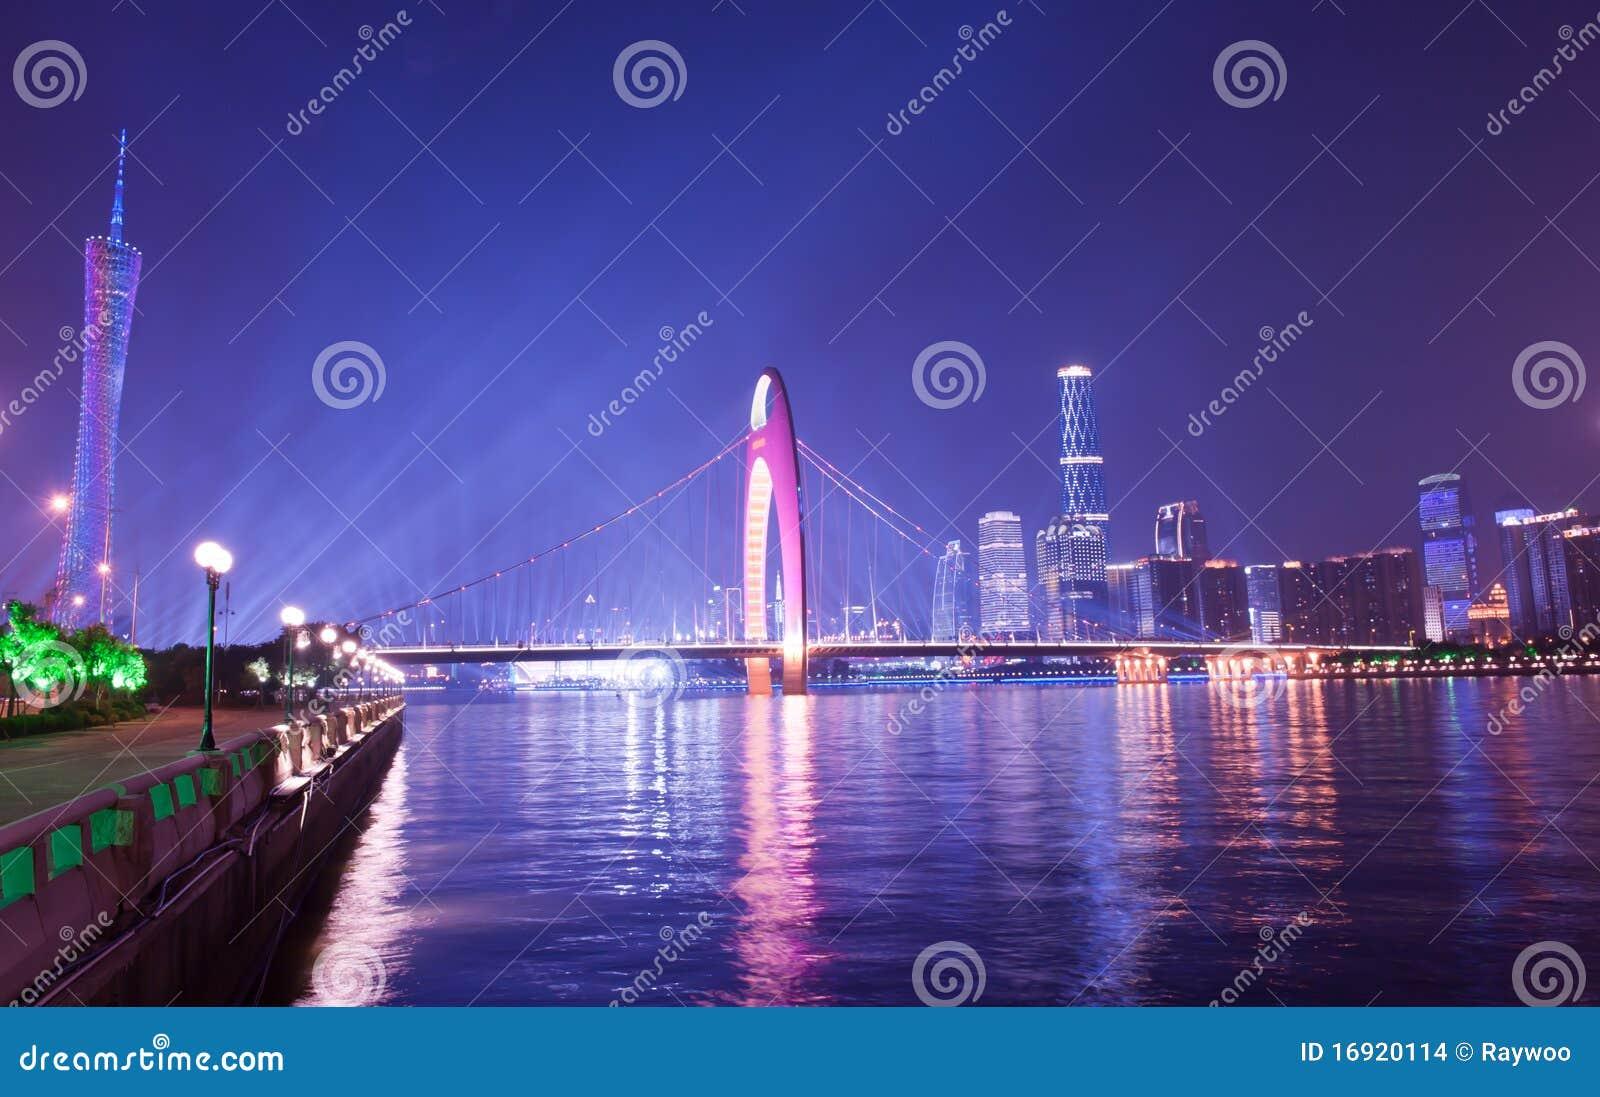 Wiederholung der Guangzhou-asiatisches Spiel-Eröffnungsfeier